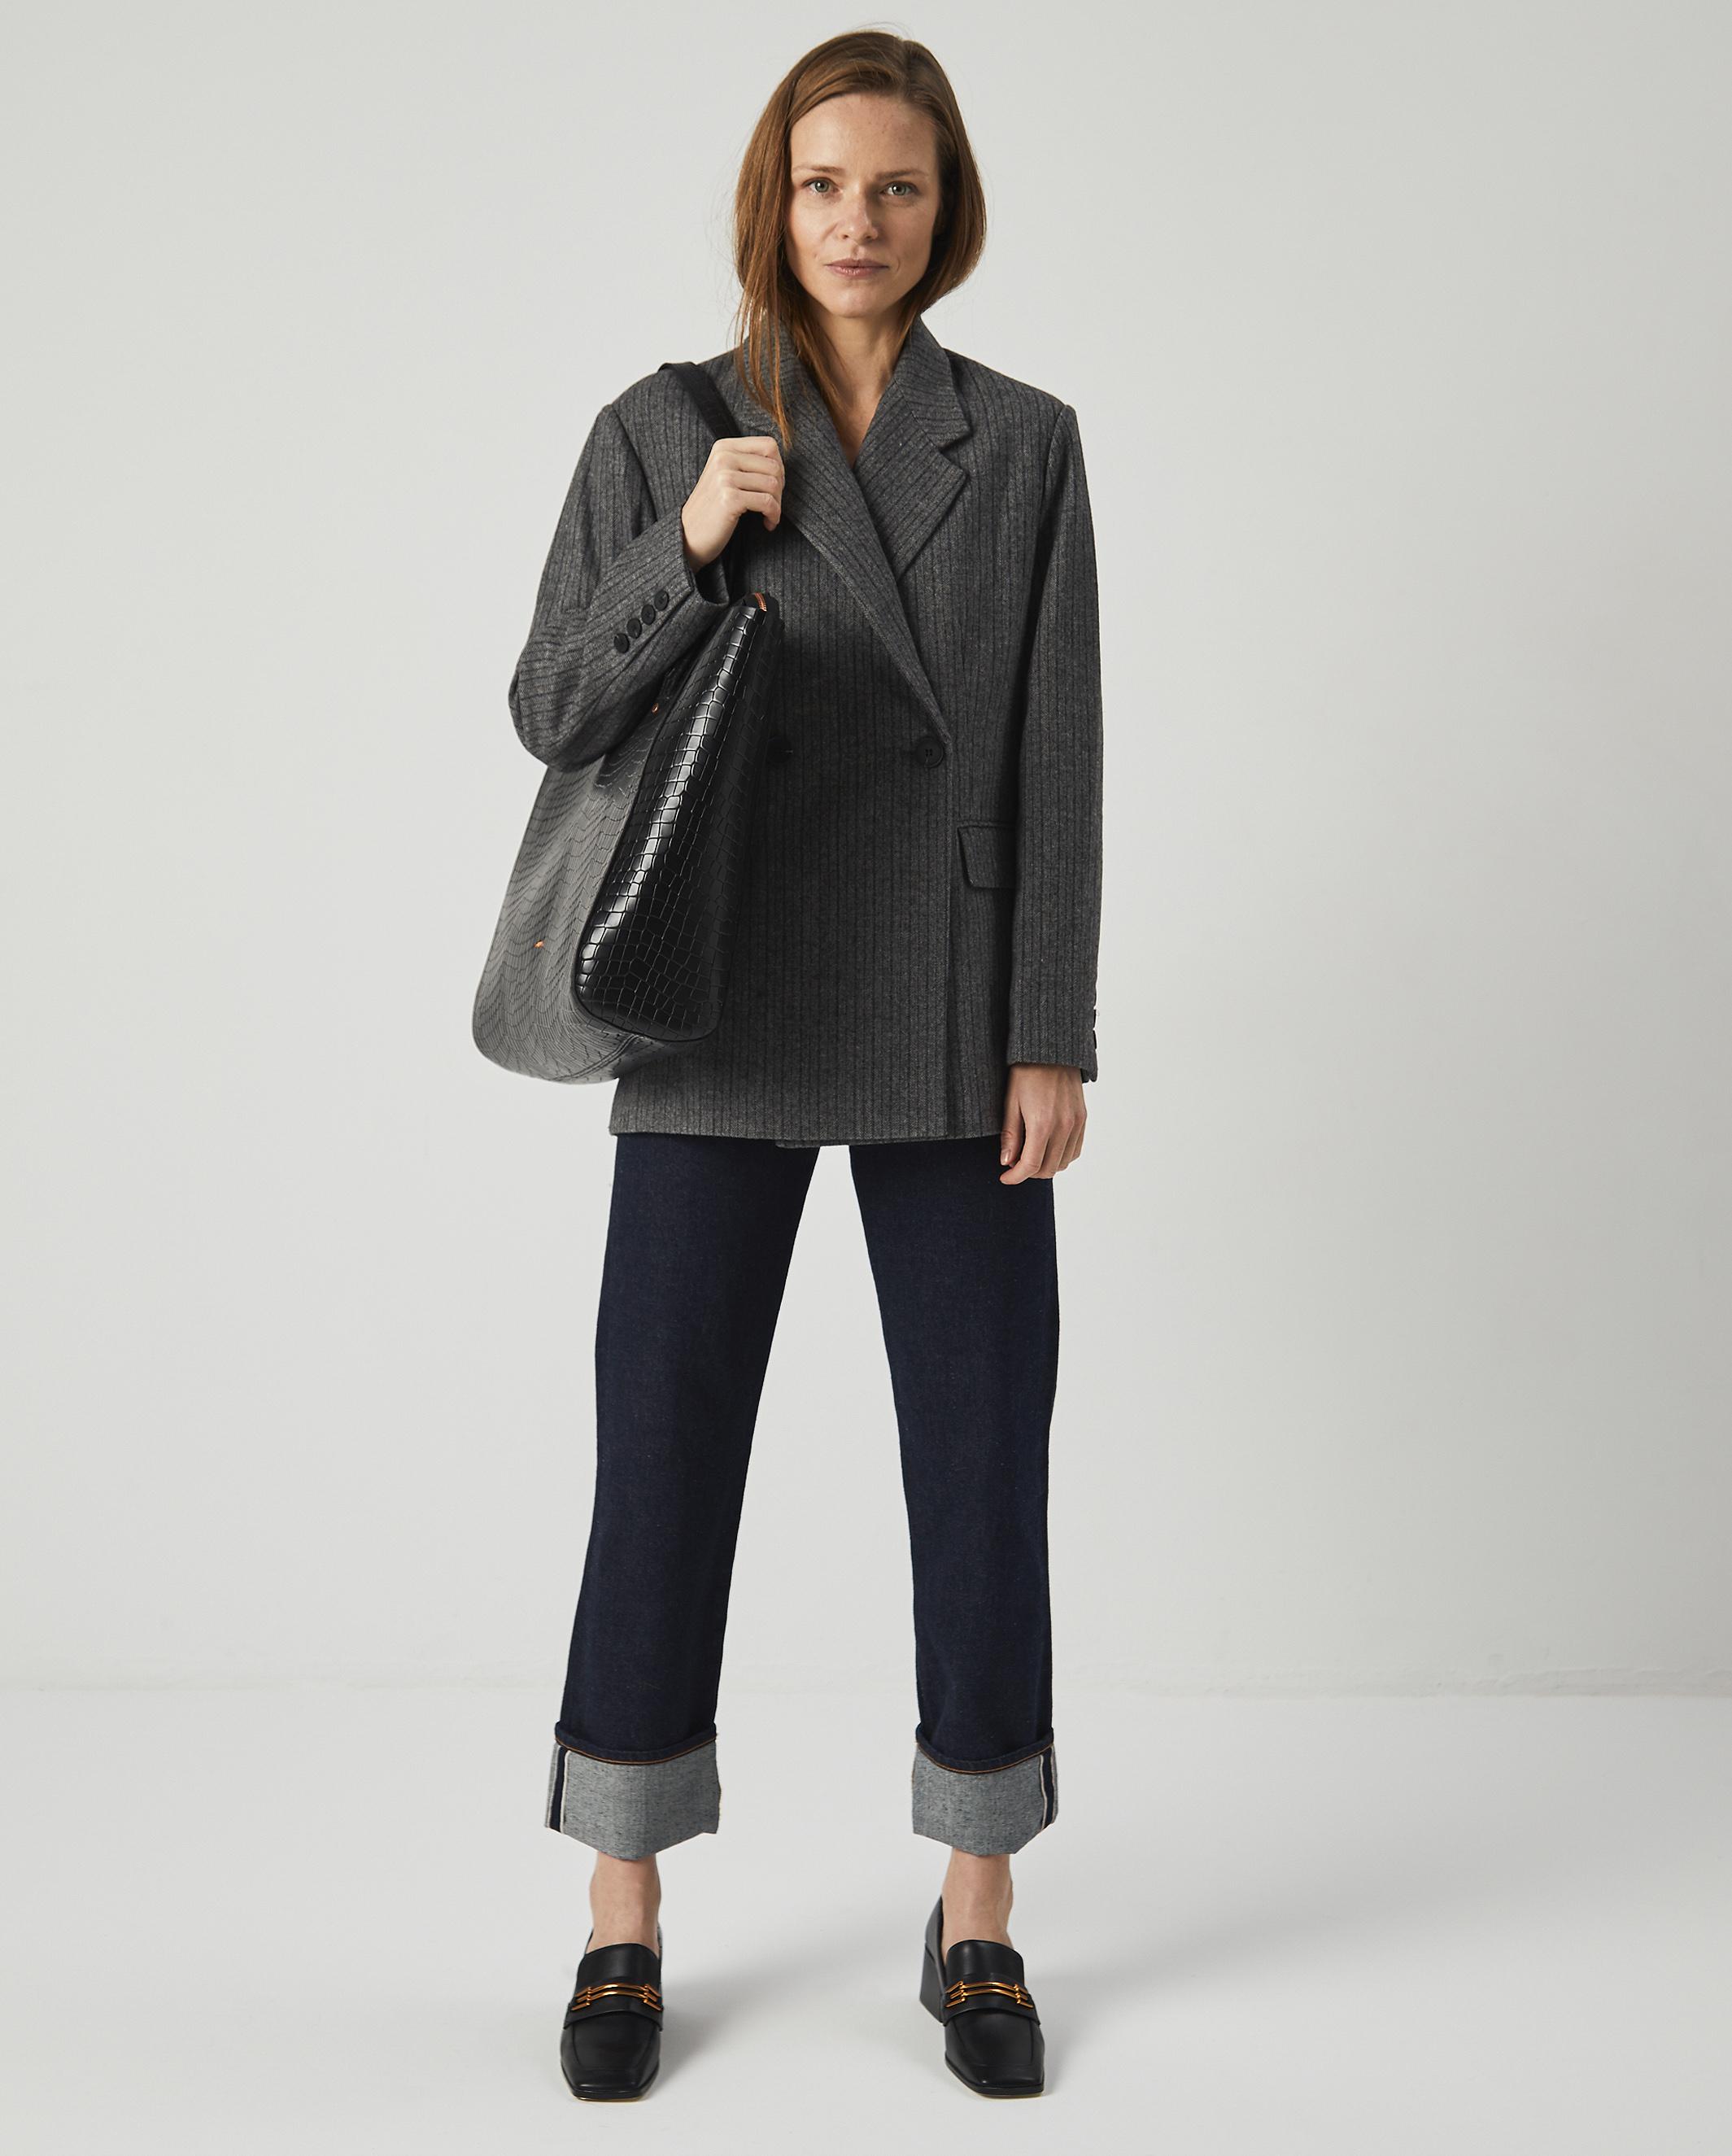 Torba SUR Large Zip Weekender Bag Croco Black 6